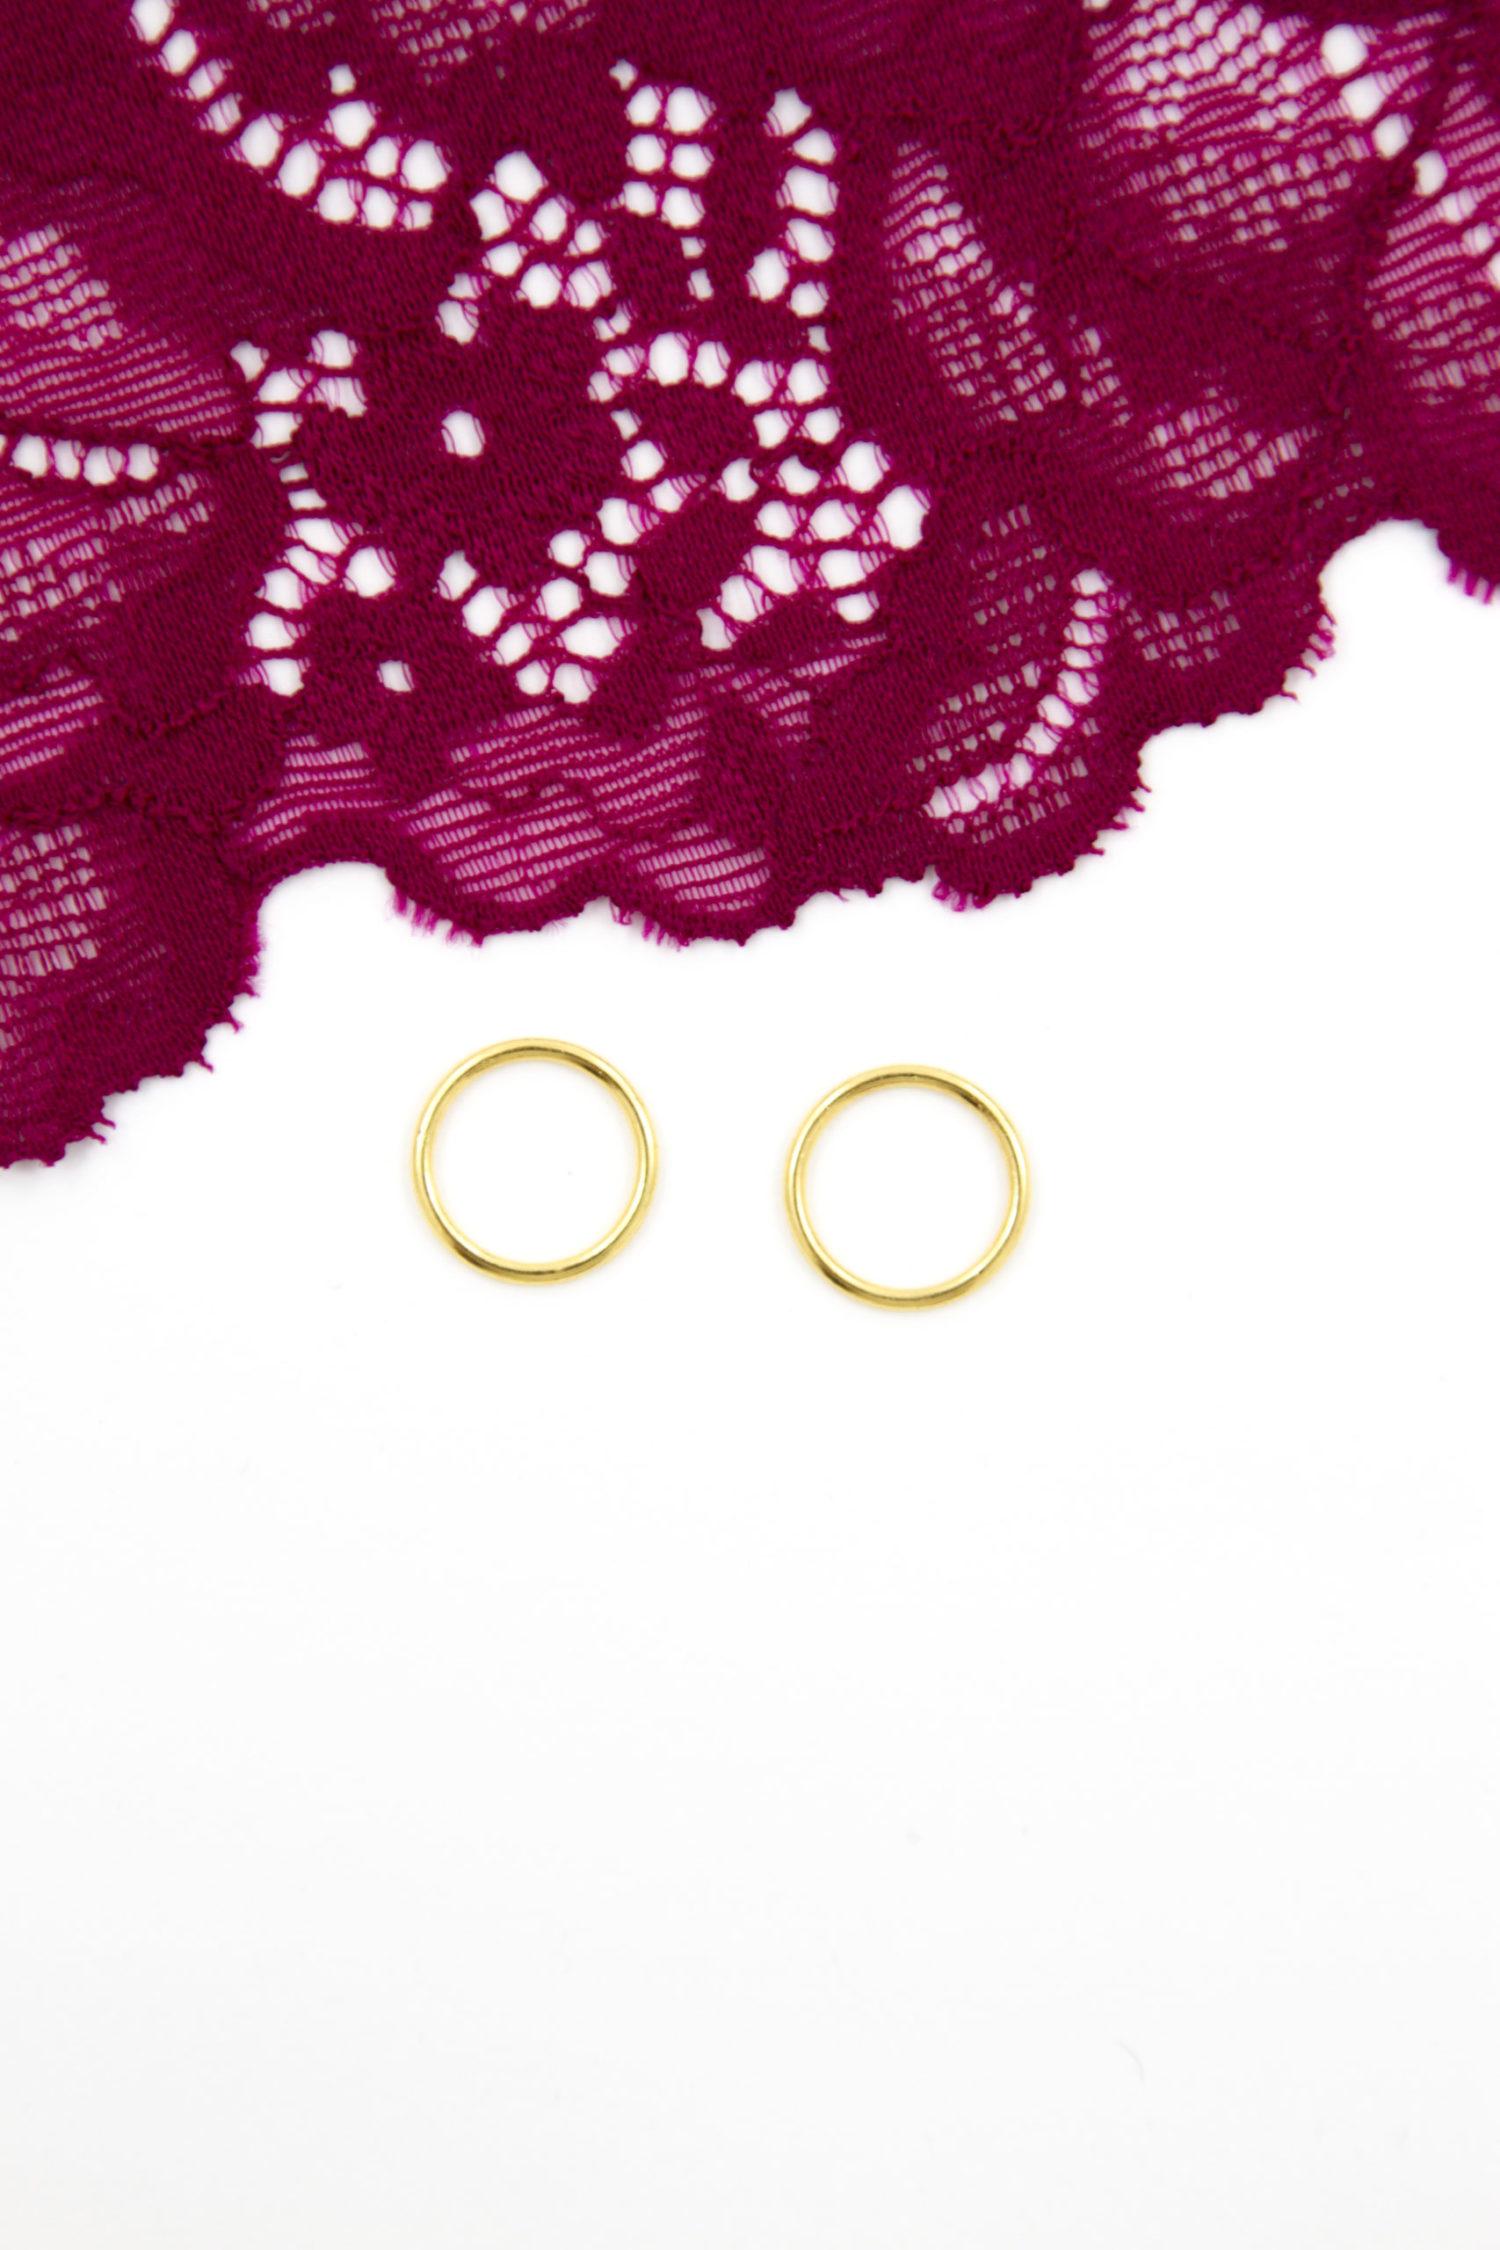 Кольцо металлическое бельевая фурнитура ∅1 см солнечное золото